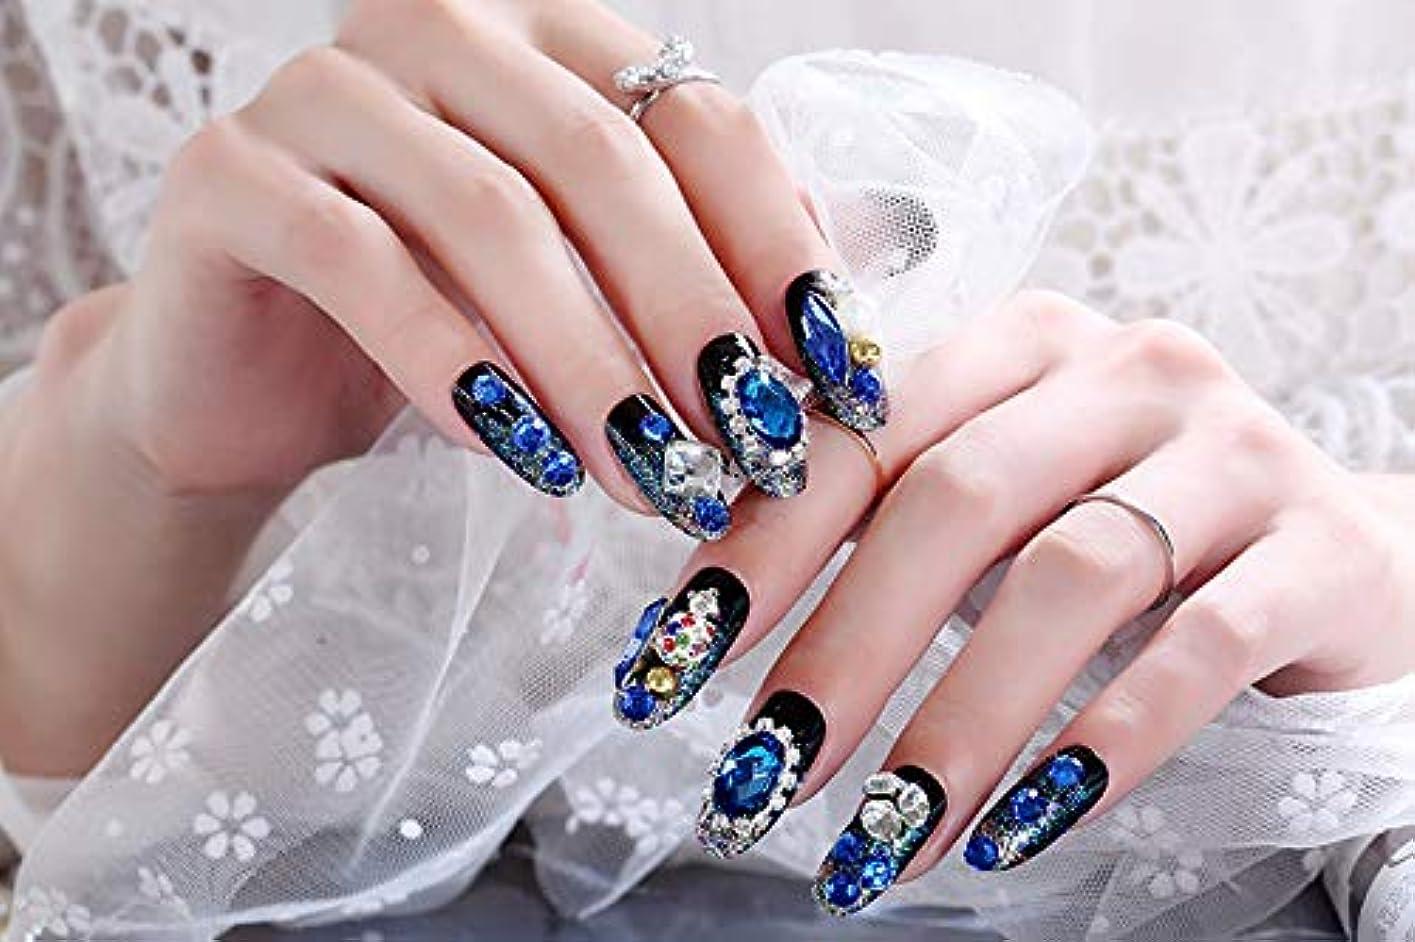 根絶するベストコメンテーター豪华なつけ爪 眩しいつけ爪 ネイルチップ ブルー ラインストーンリボンが輝く 24枚組セット 結婚式、パーティー、二次会などに ネイルアート (AF09)